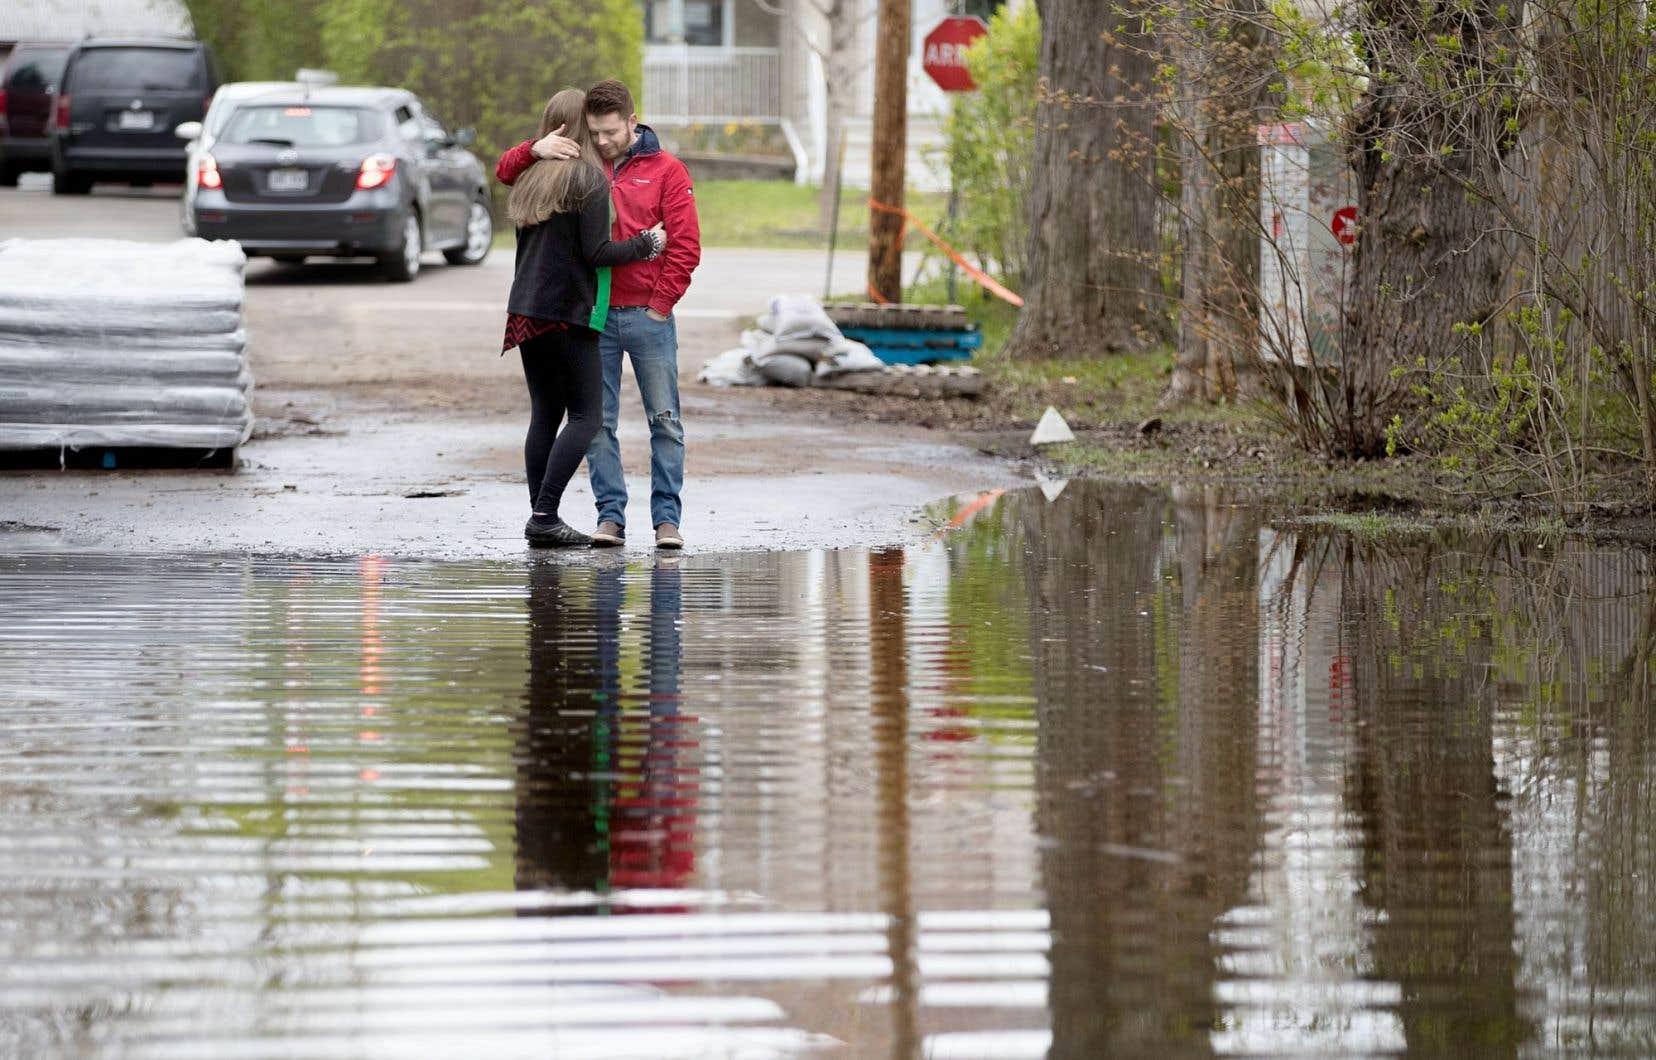 Mariane Fournier et Oscar Lozano ont été réveillés vers 6h du matin dimanche dernier lorsqu'une digue a cédé, inondant complètement leur maison. Les pompiers ne leur ont laissé que 15 minutes pour récupérer leurs effets personnels et évacuer leur résidence.